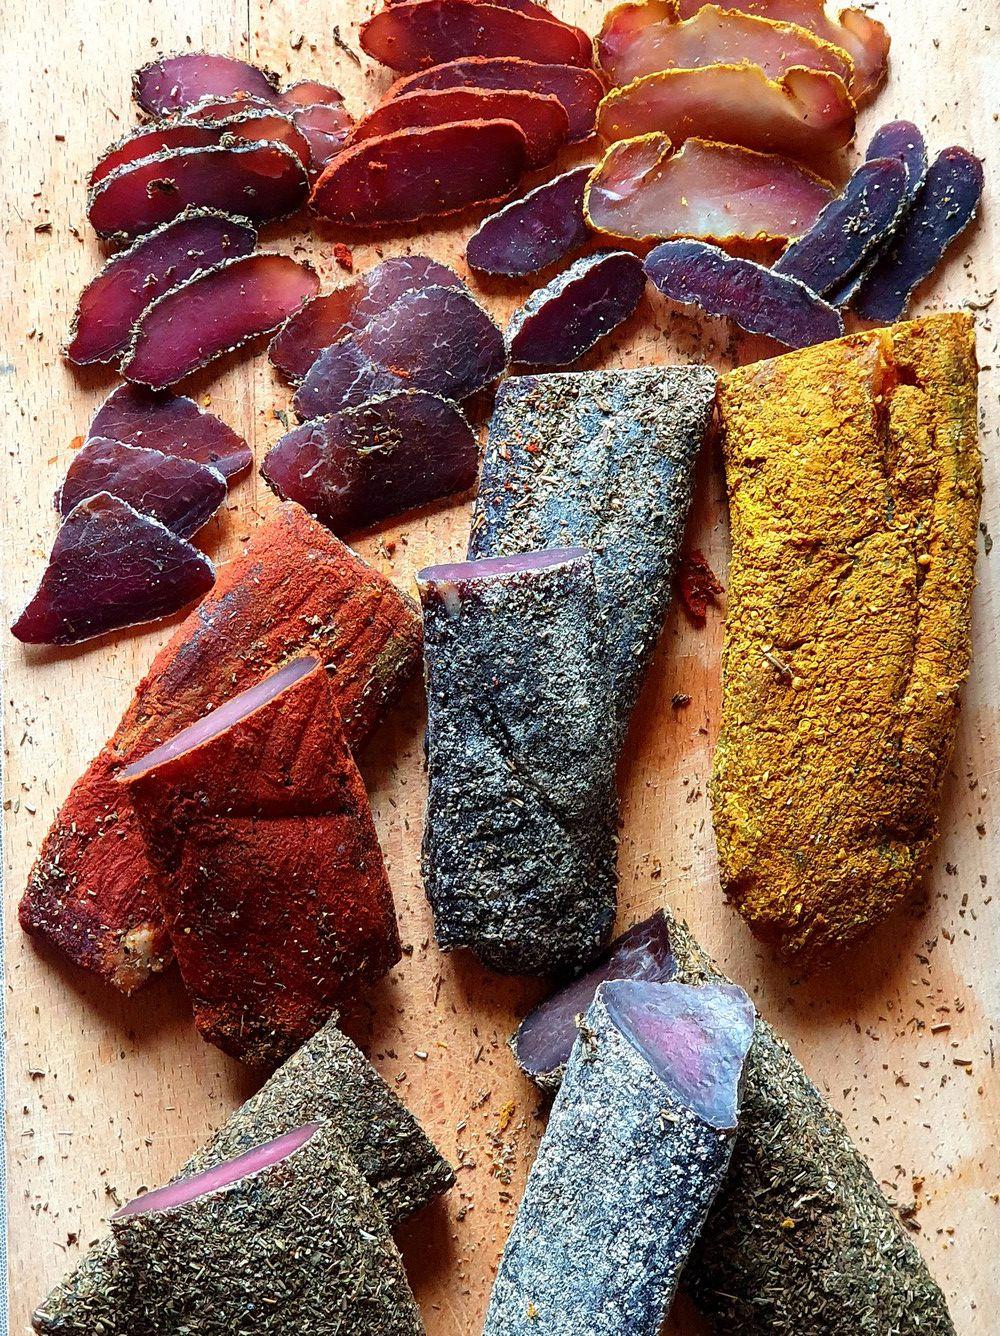 salaison sous vide : recette de la viande salée puis séchée et du boeuf jerky